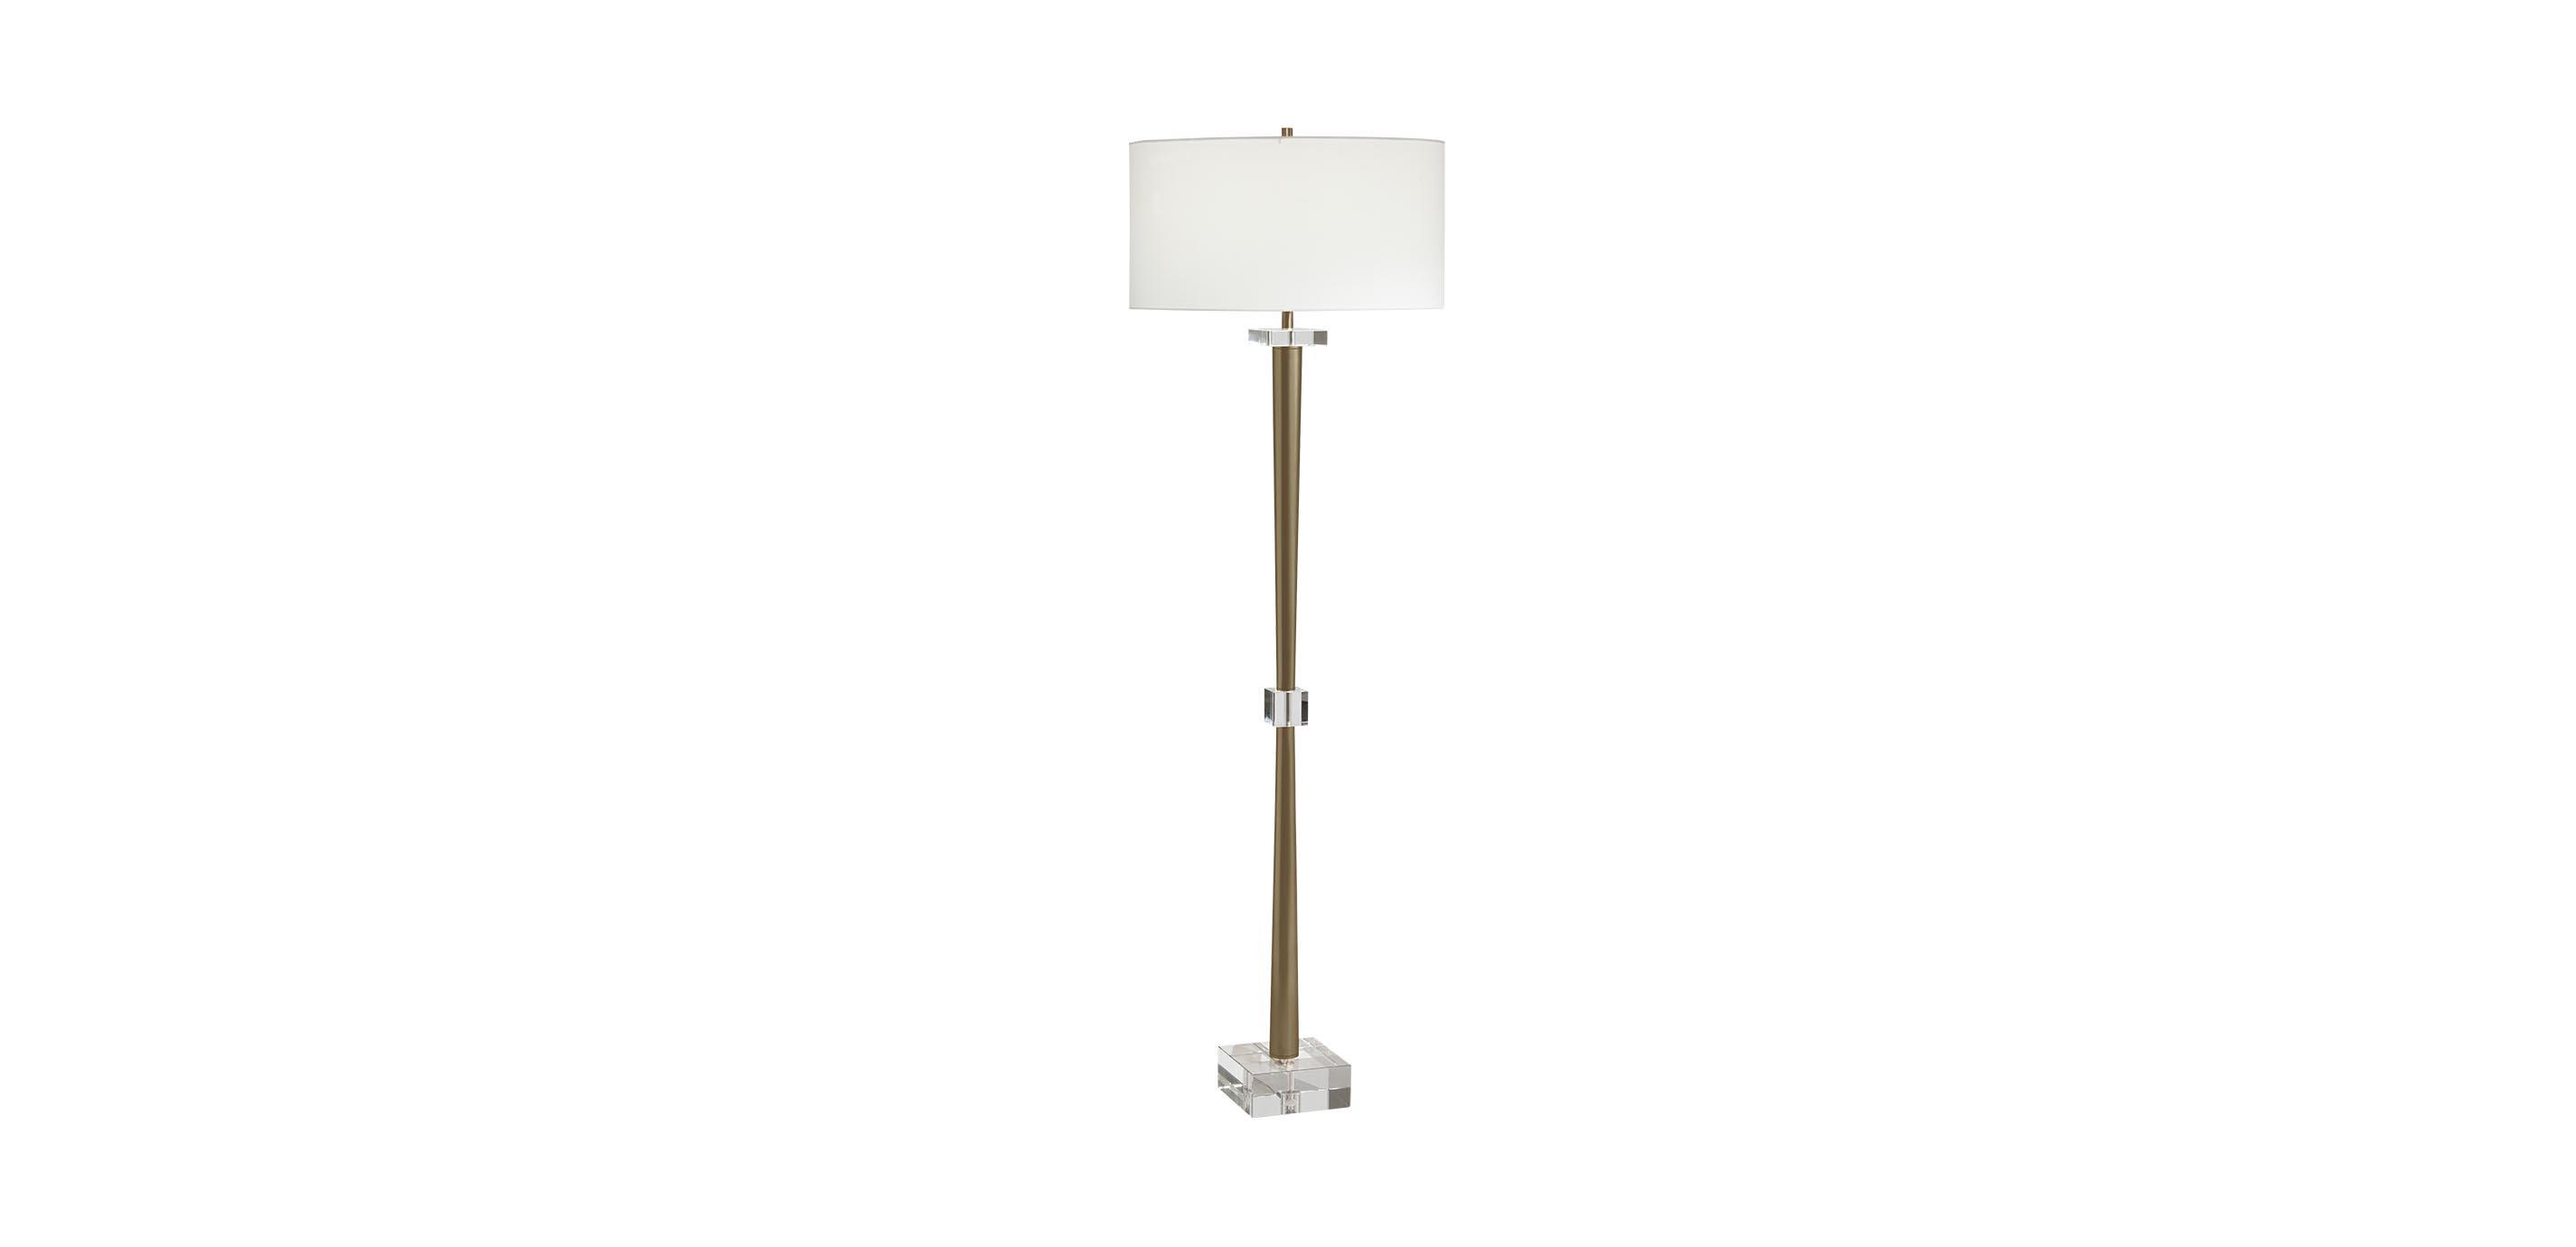 off second decor metal hand floor lamp